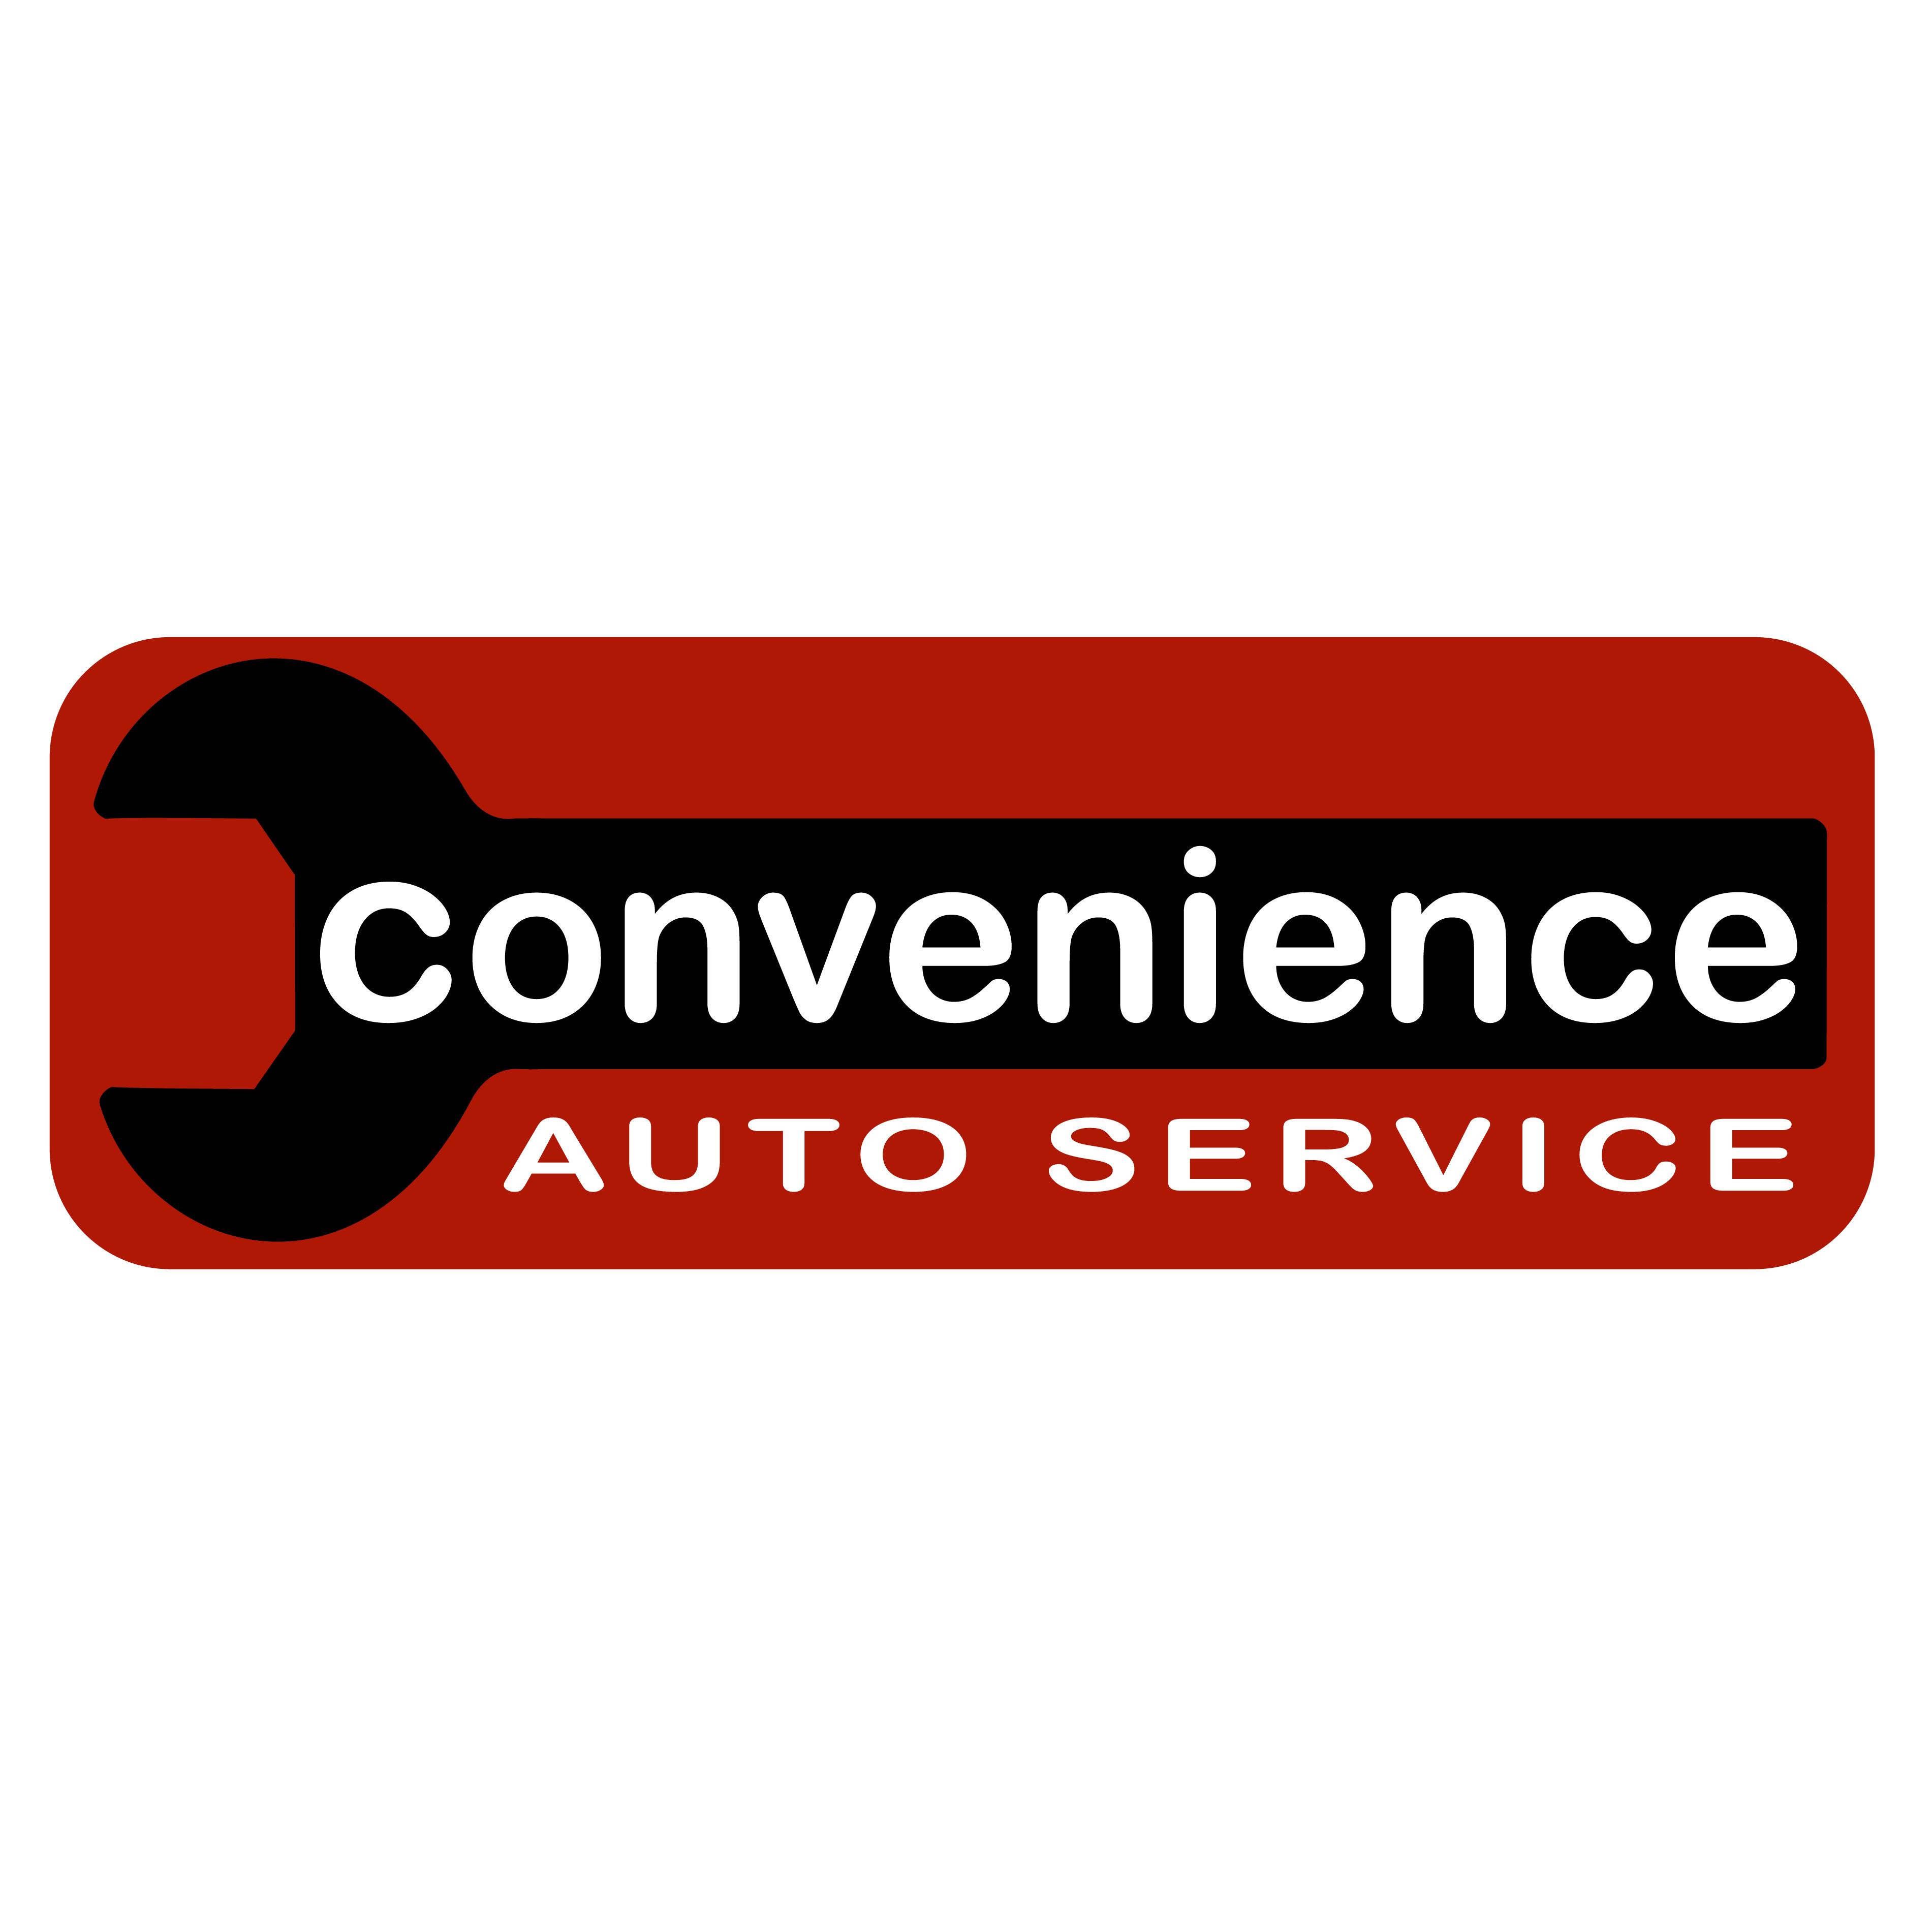 Convenience Auto Service